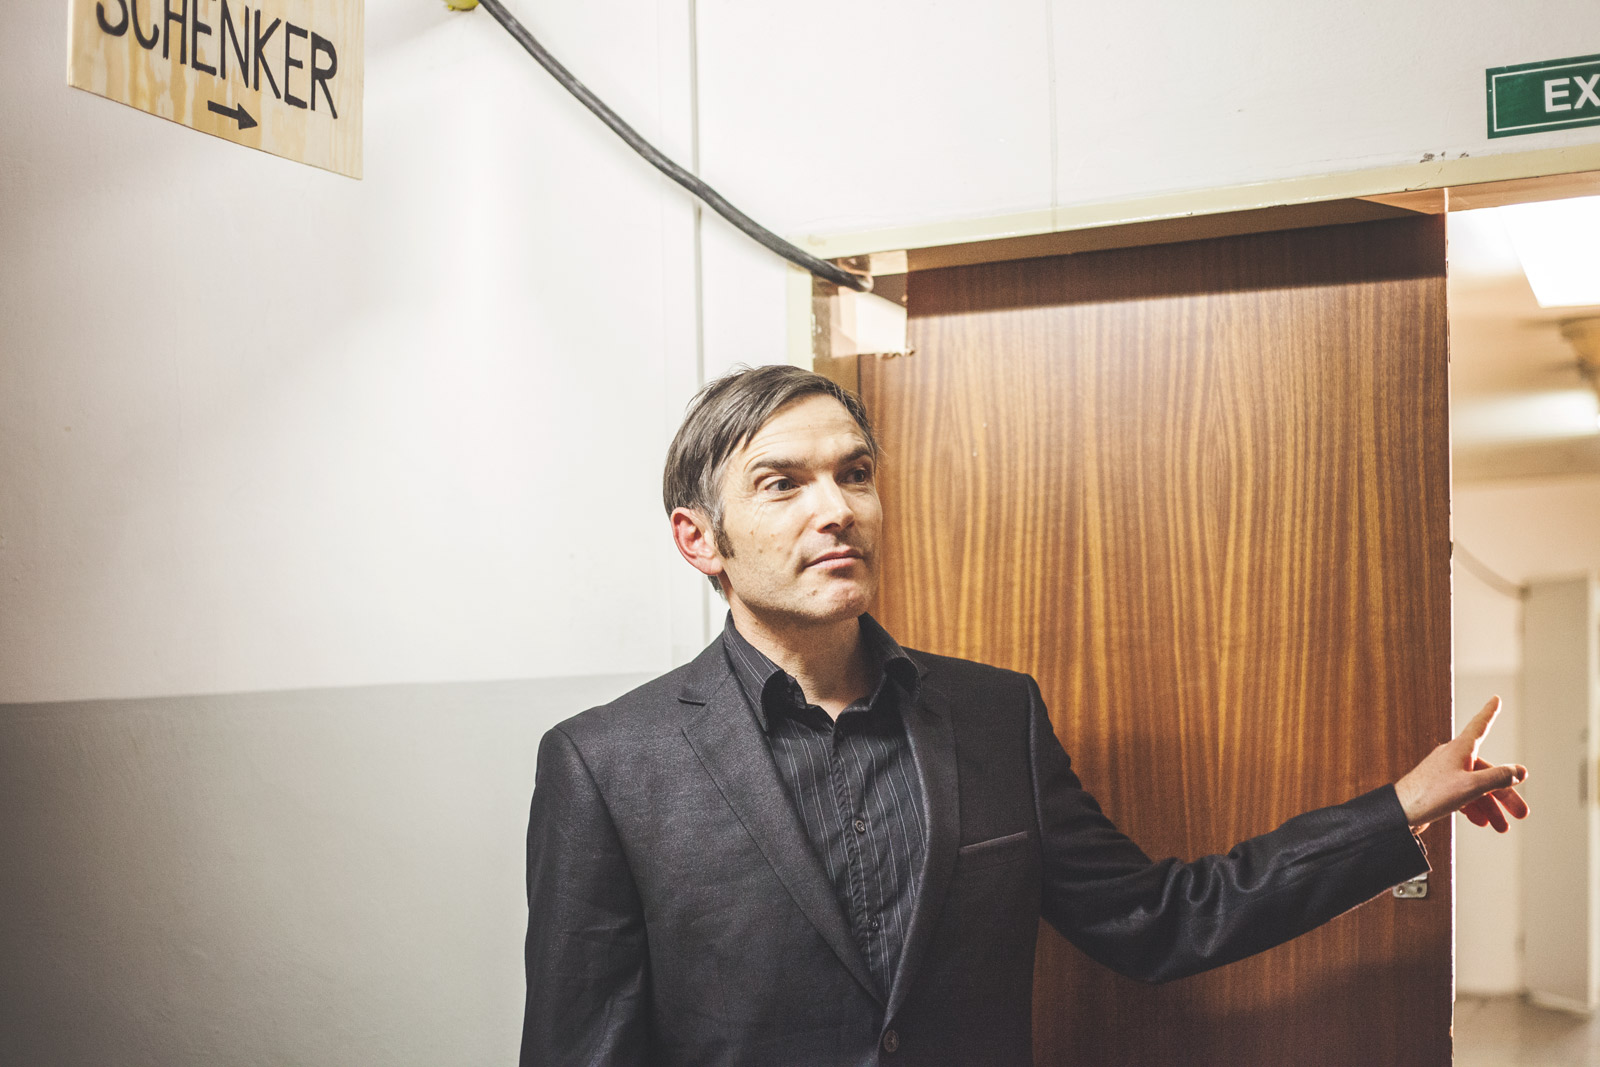 Philipp Schenker/DAMU